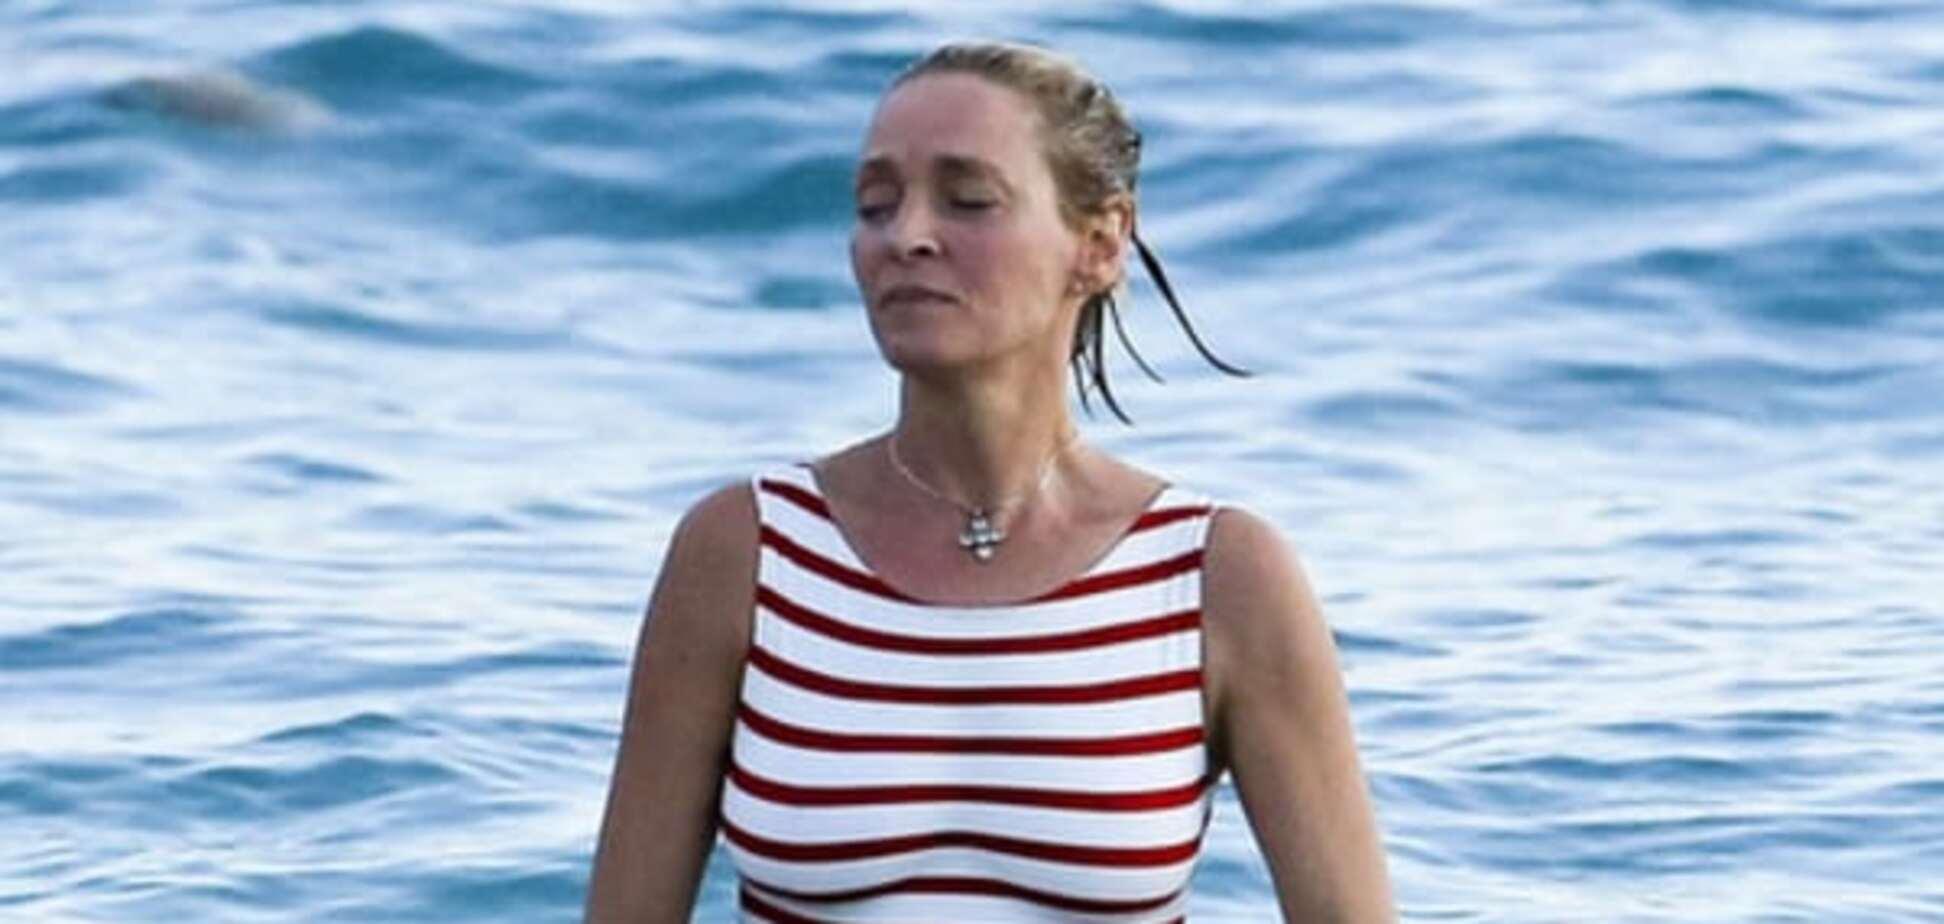 45-летняя Ума Турман показала фигуру в купальнике: фото актрисы с курорта